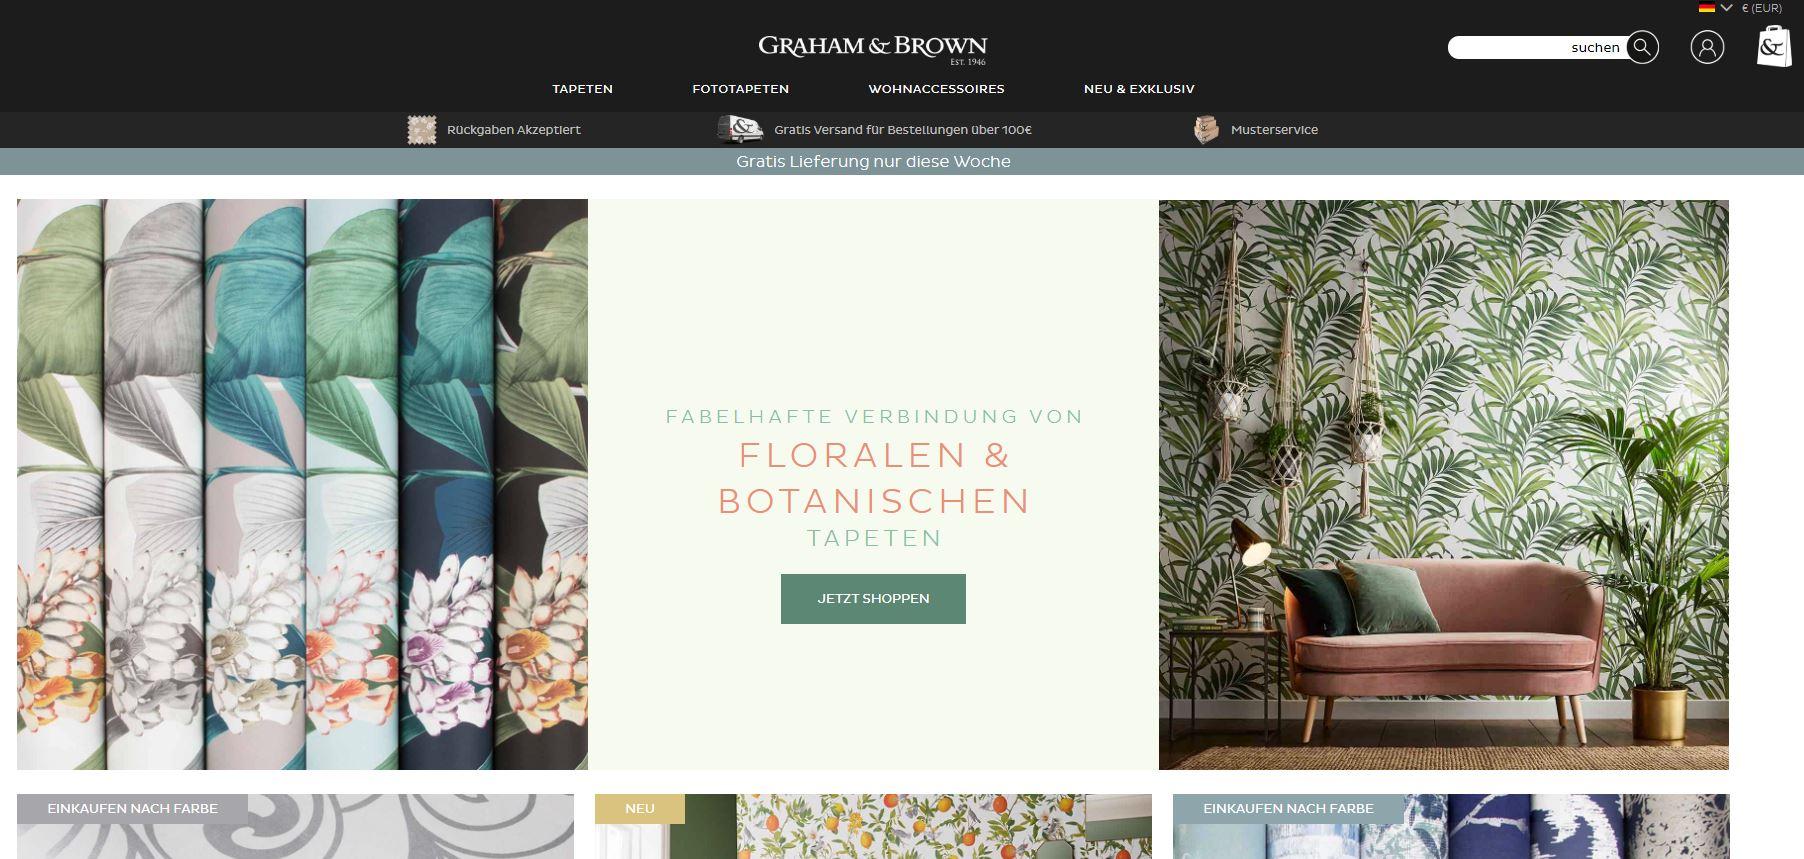 grahambrown.com/de